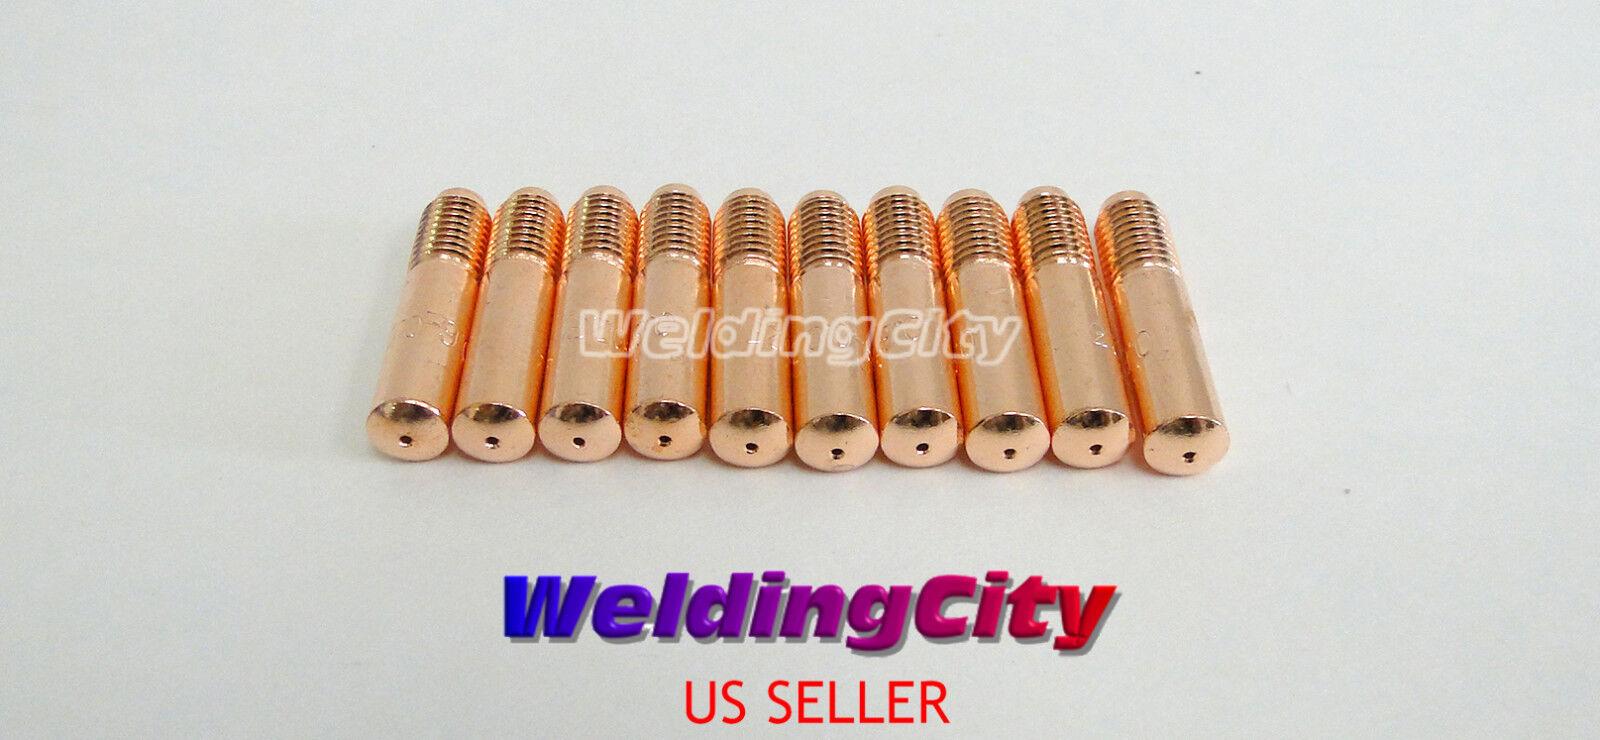 kesoto 500pcs 1000ul 1ml Pipette Tips For Lichen Adjustable Micropipette Pipette